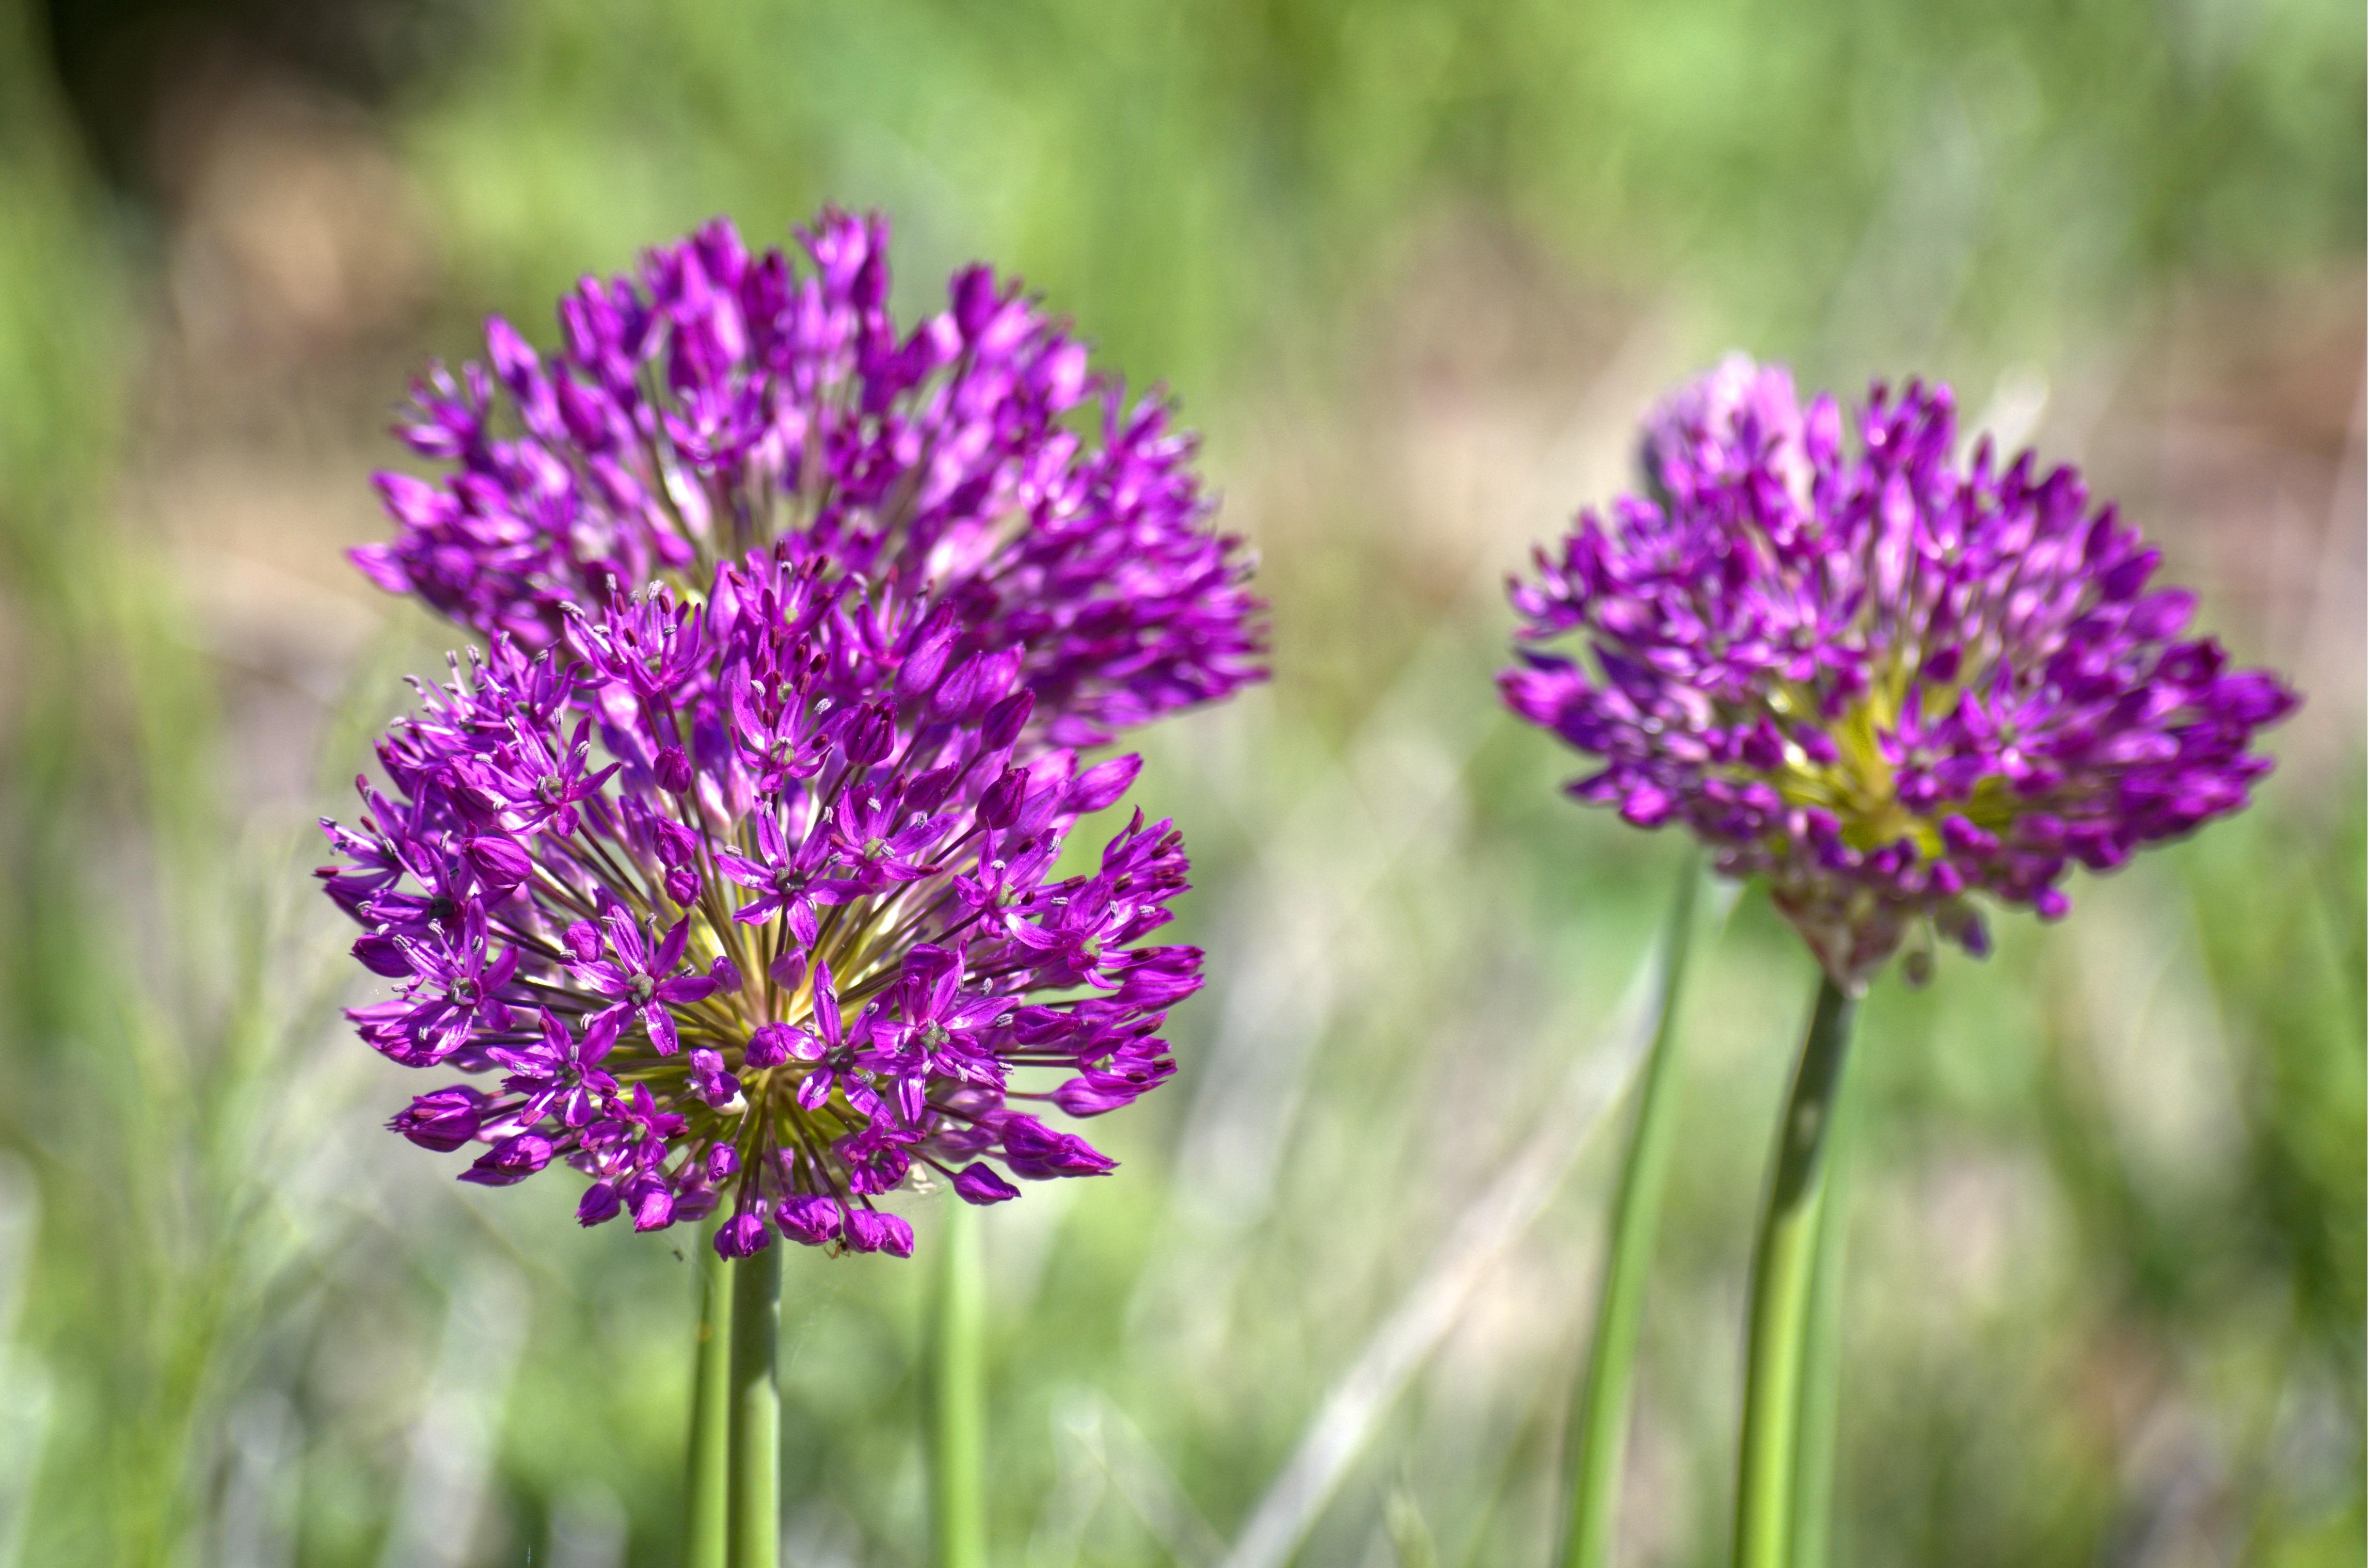 bakgrundsbilder natur ng pr rie lila v r rt producera gr nsak botanik flora. Black Bedroom Furniture Sets. Home Design Ideas